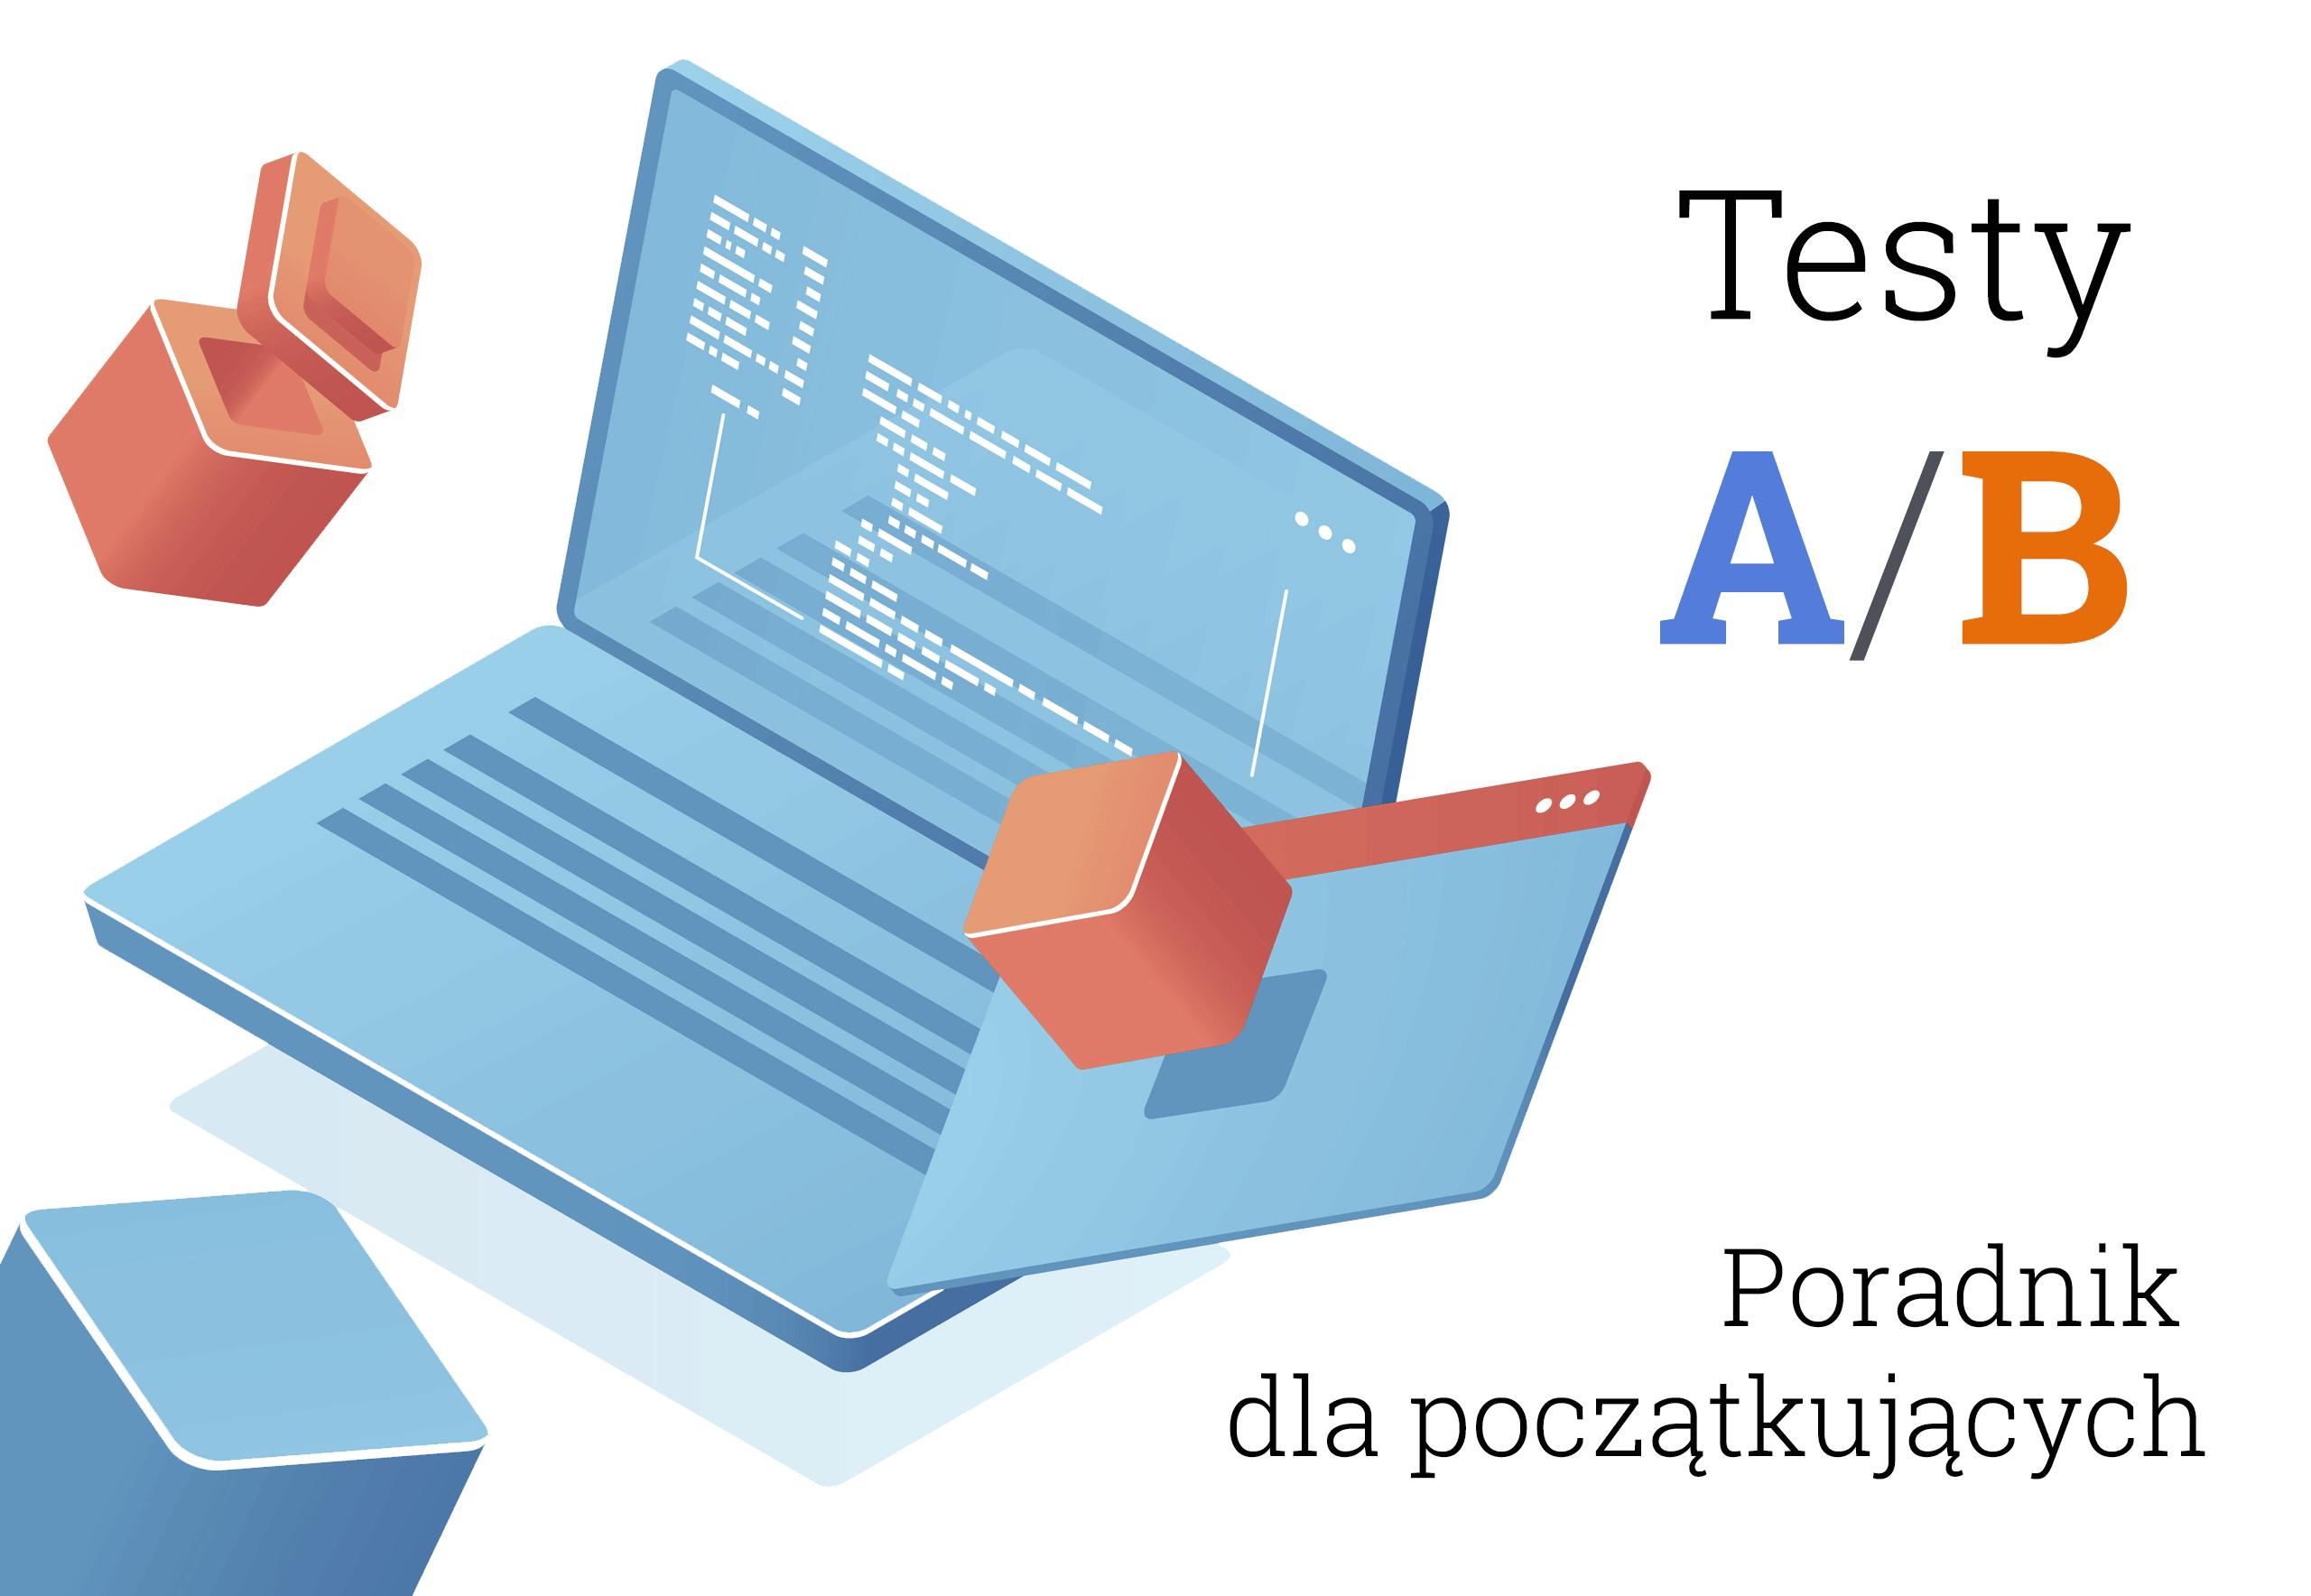 testy ab